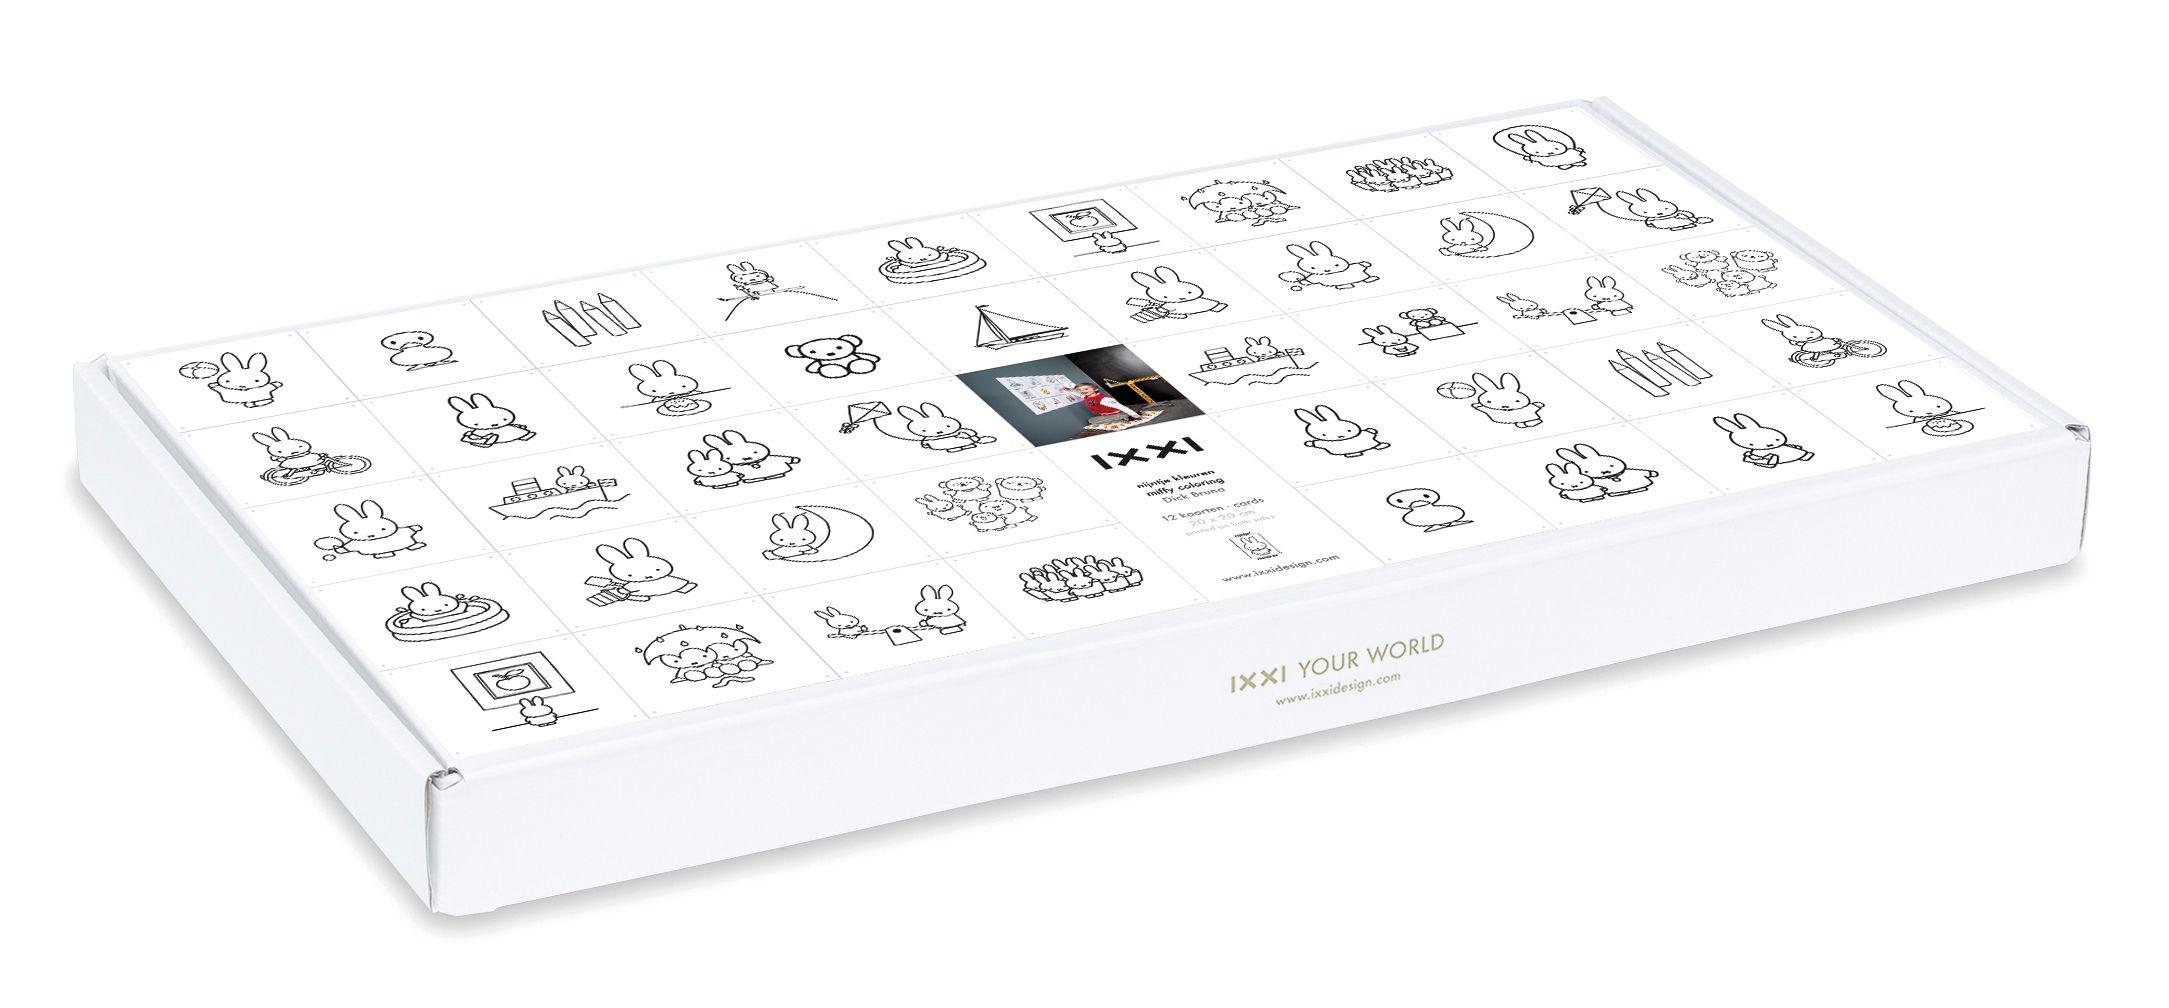 Miffy pannello decorativo da colorare 60 x 80 cm - Pannello decorativo design ...